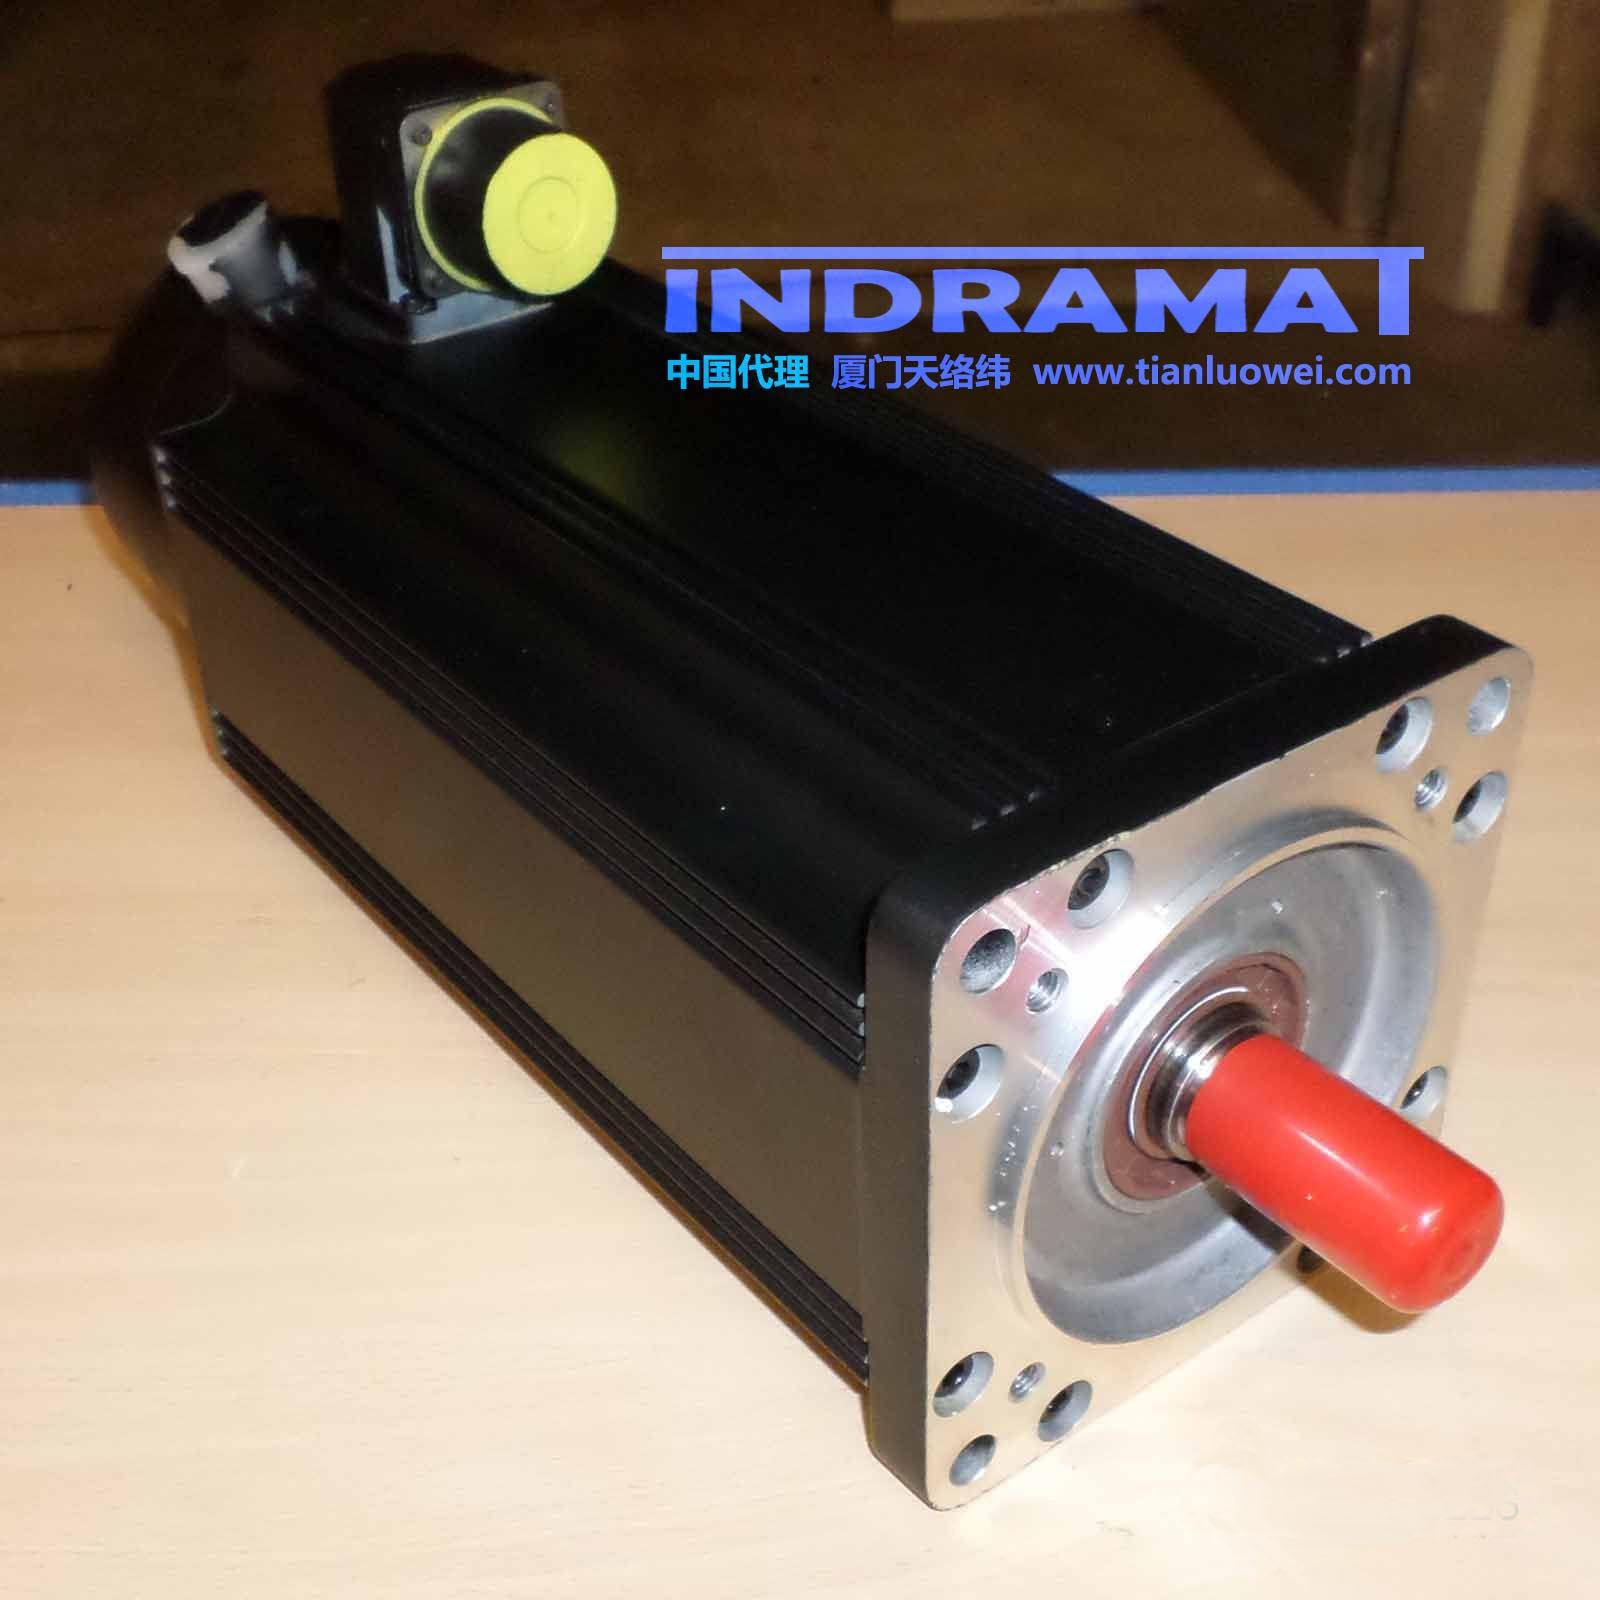 Indramat VMA-70CR-001-D 厦门天络纬